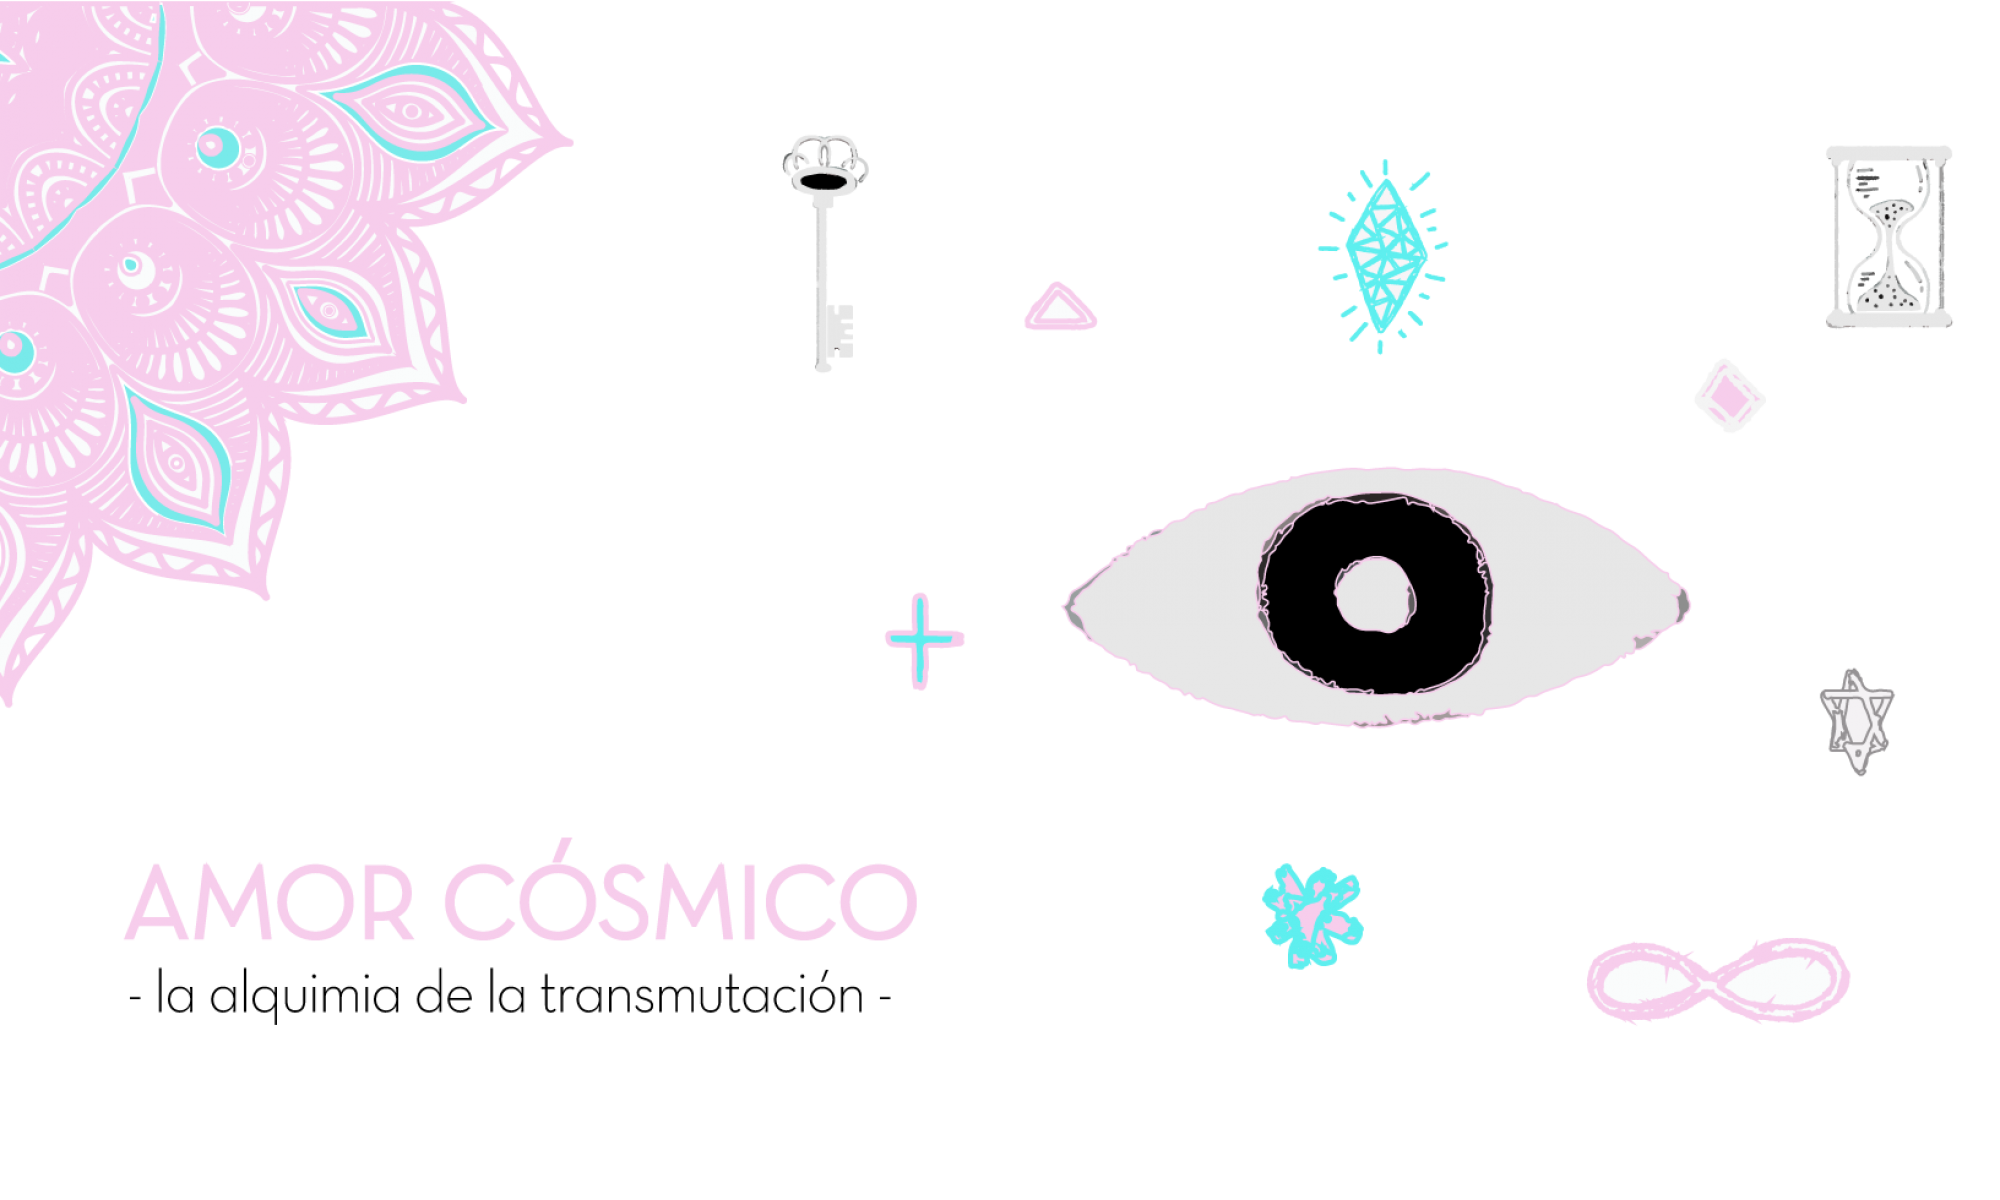 Amor Cósmico